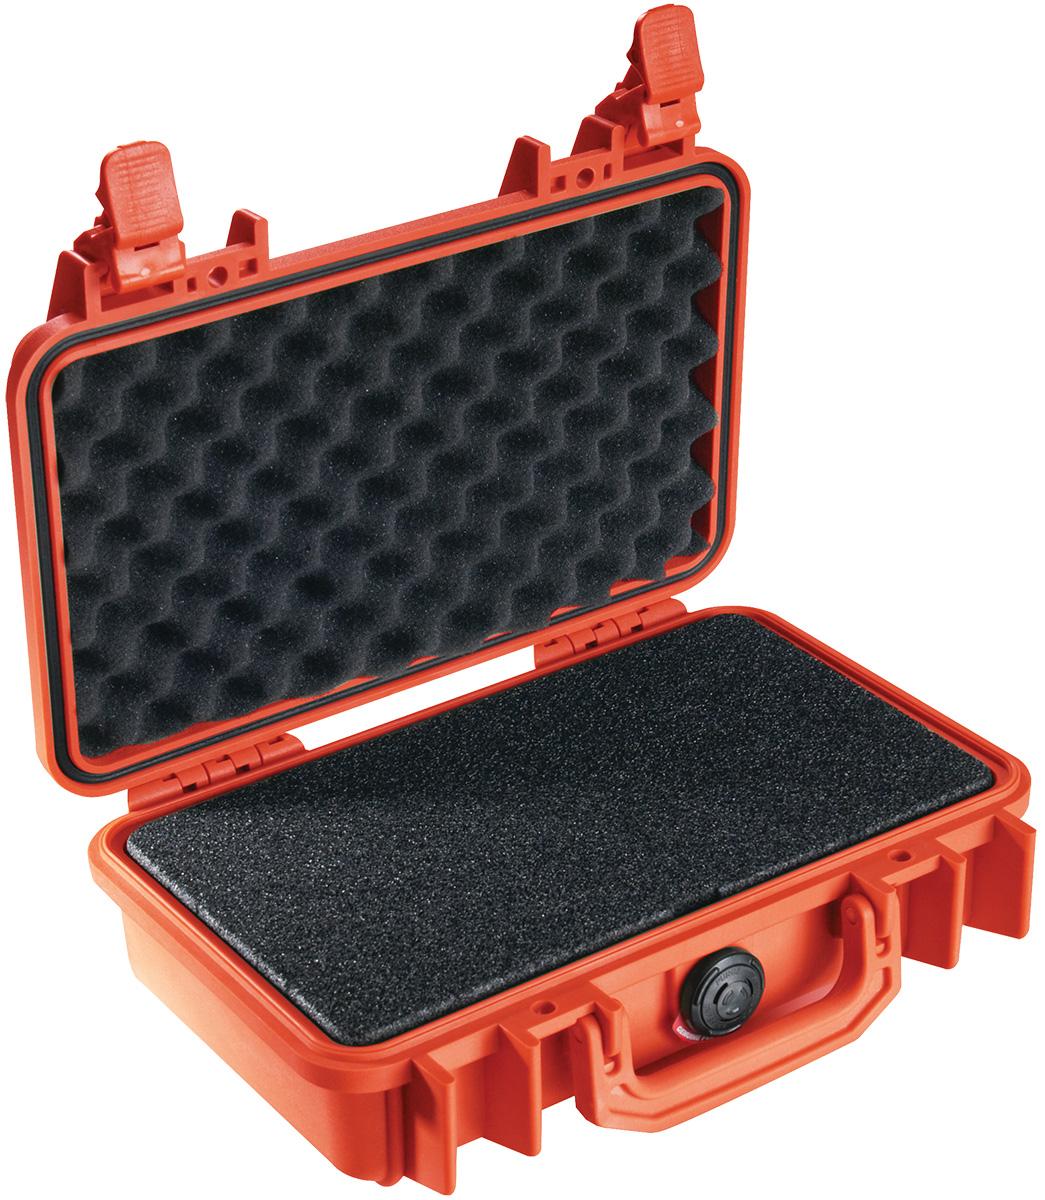 pelican 1170 orange foam pistol case